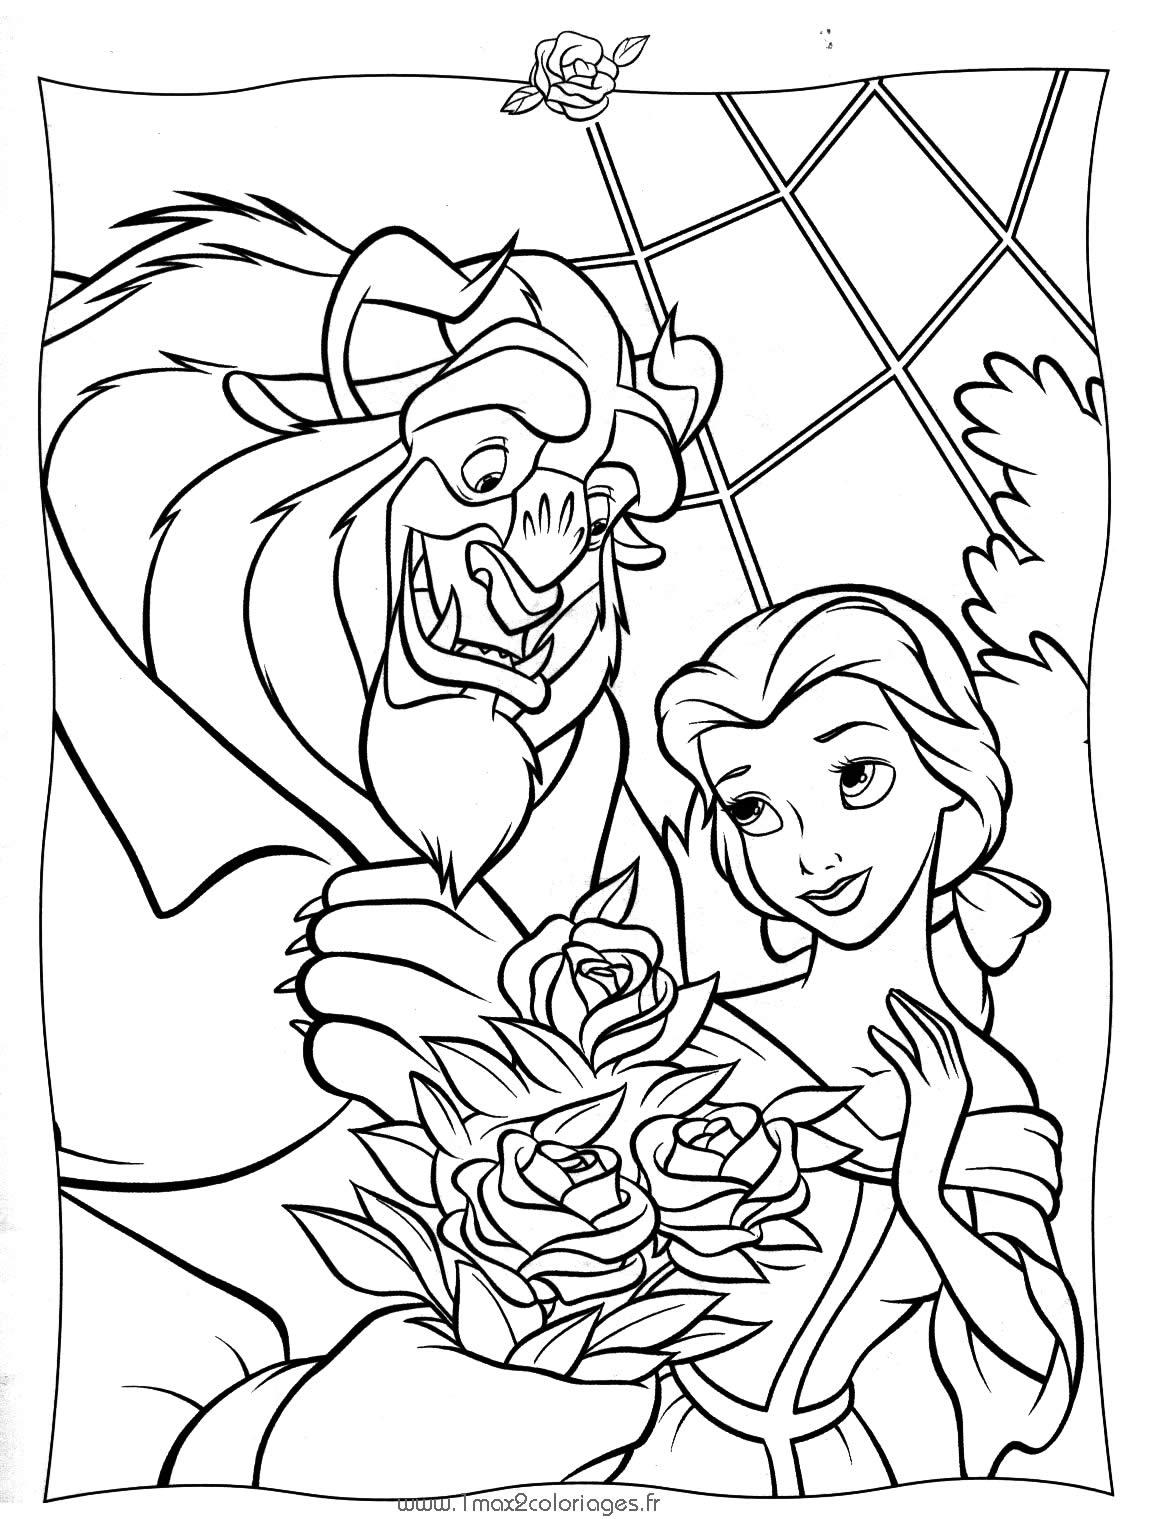 Desenhos Para Imprimir Colorir E Pintar Princesas Disney